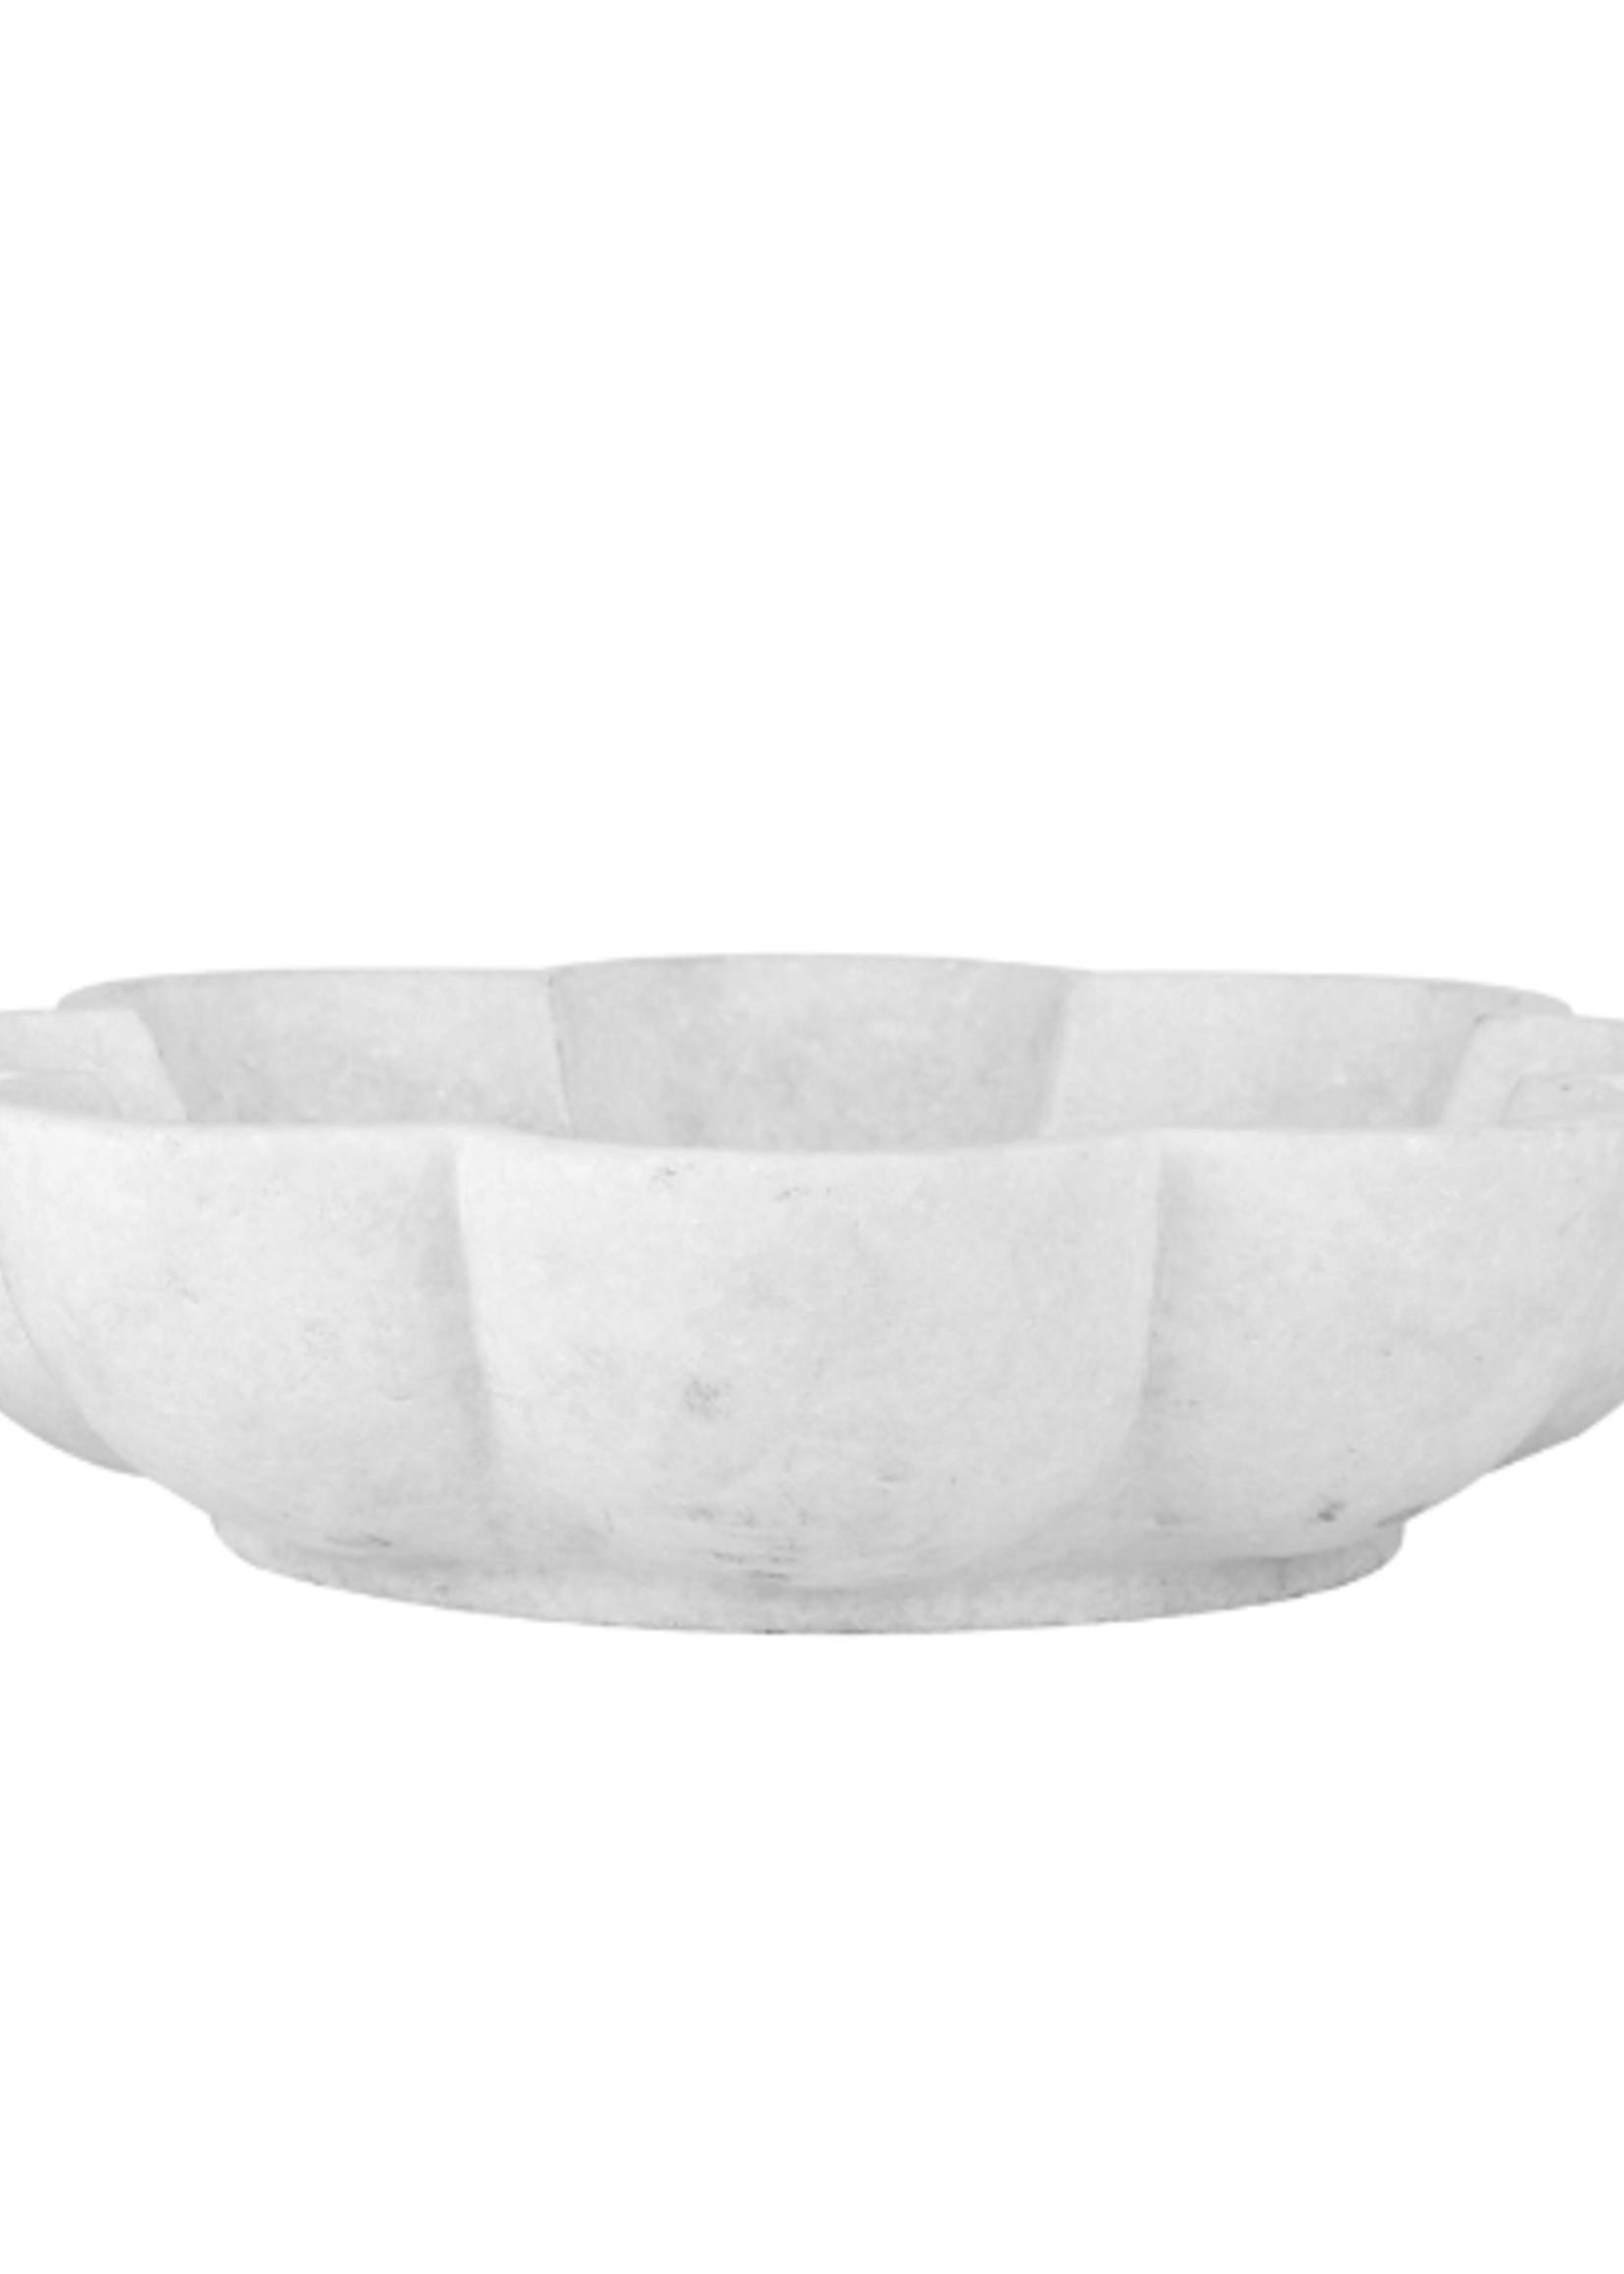 Marble Lotus Flower Snack Bowl